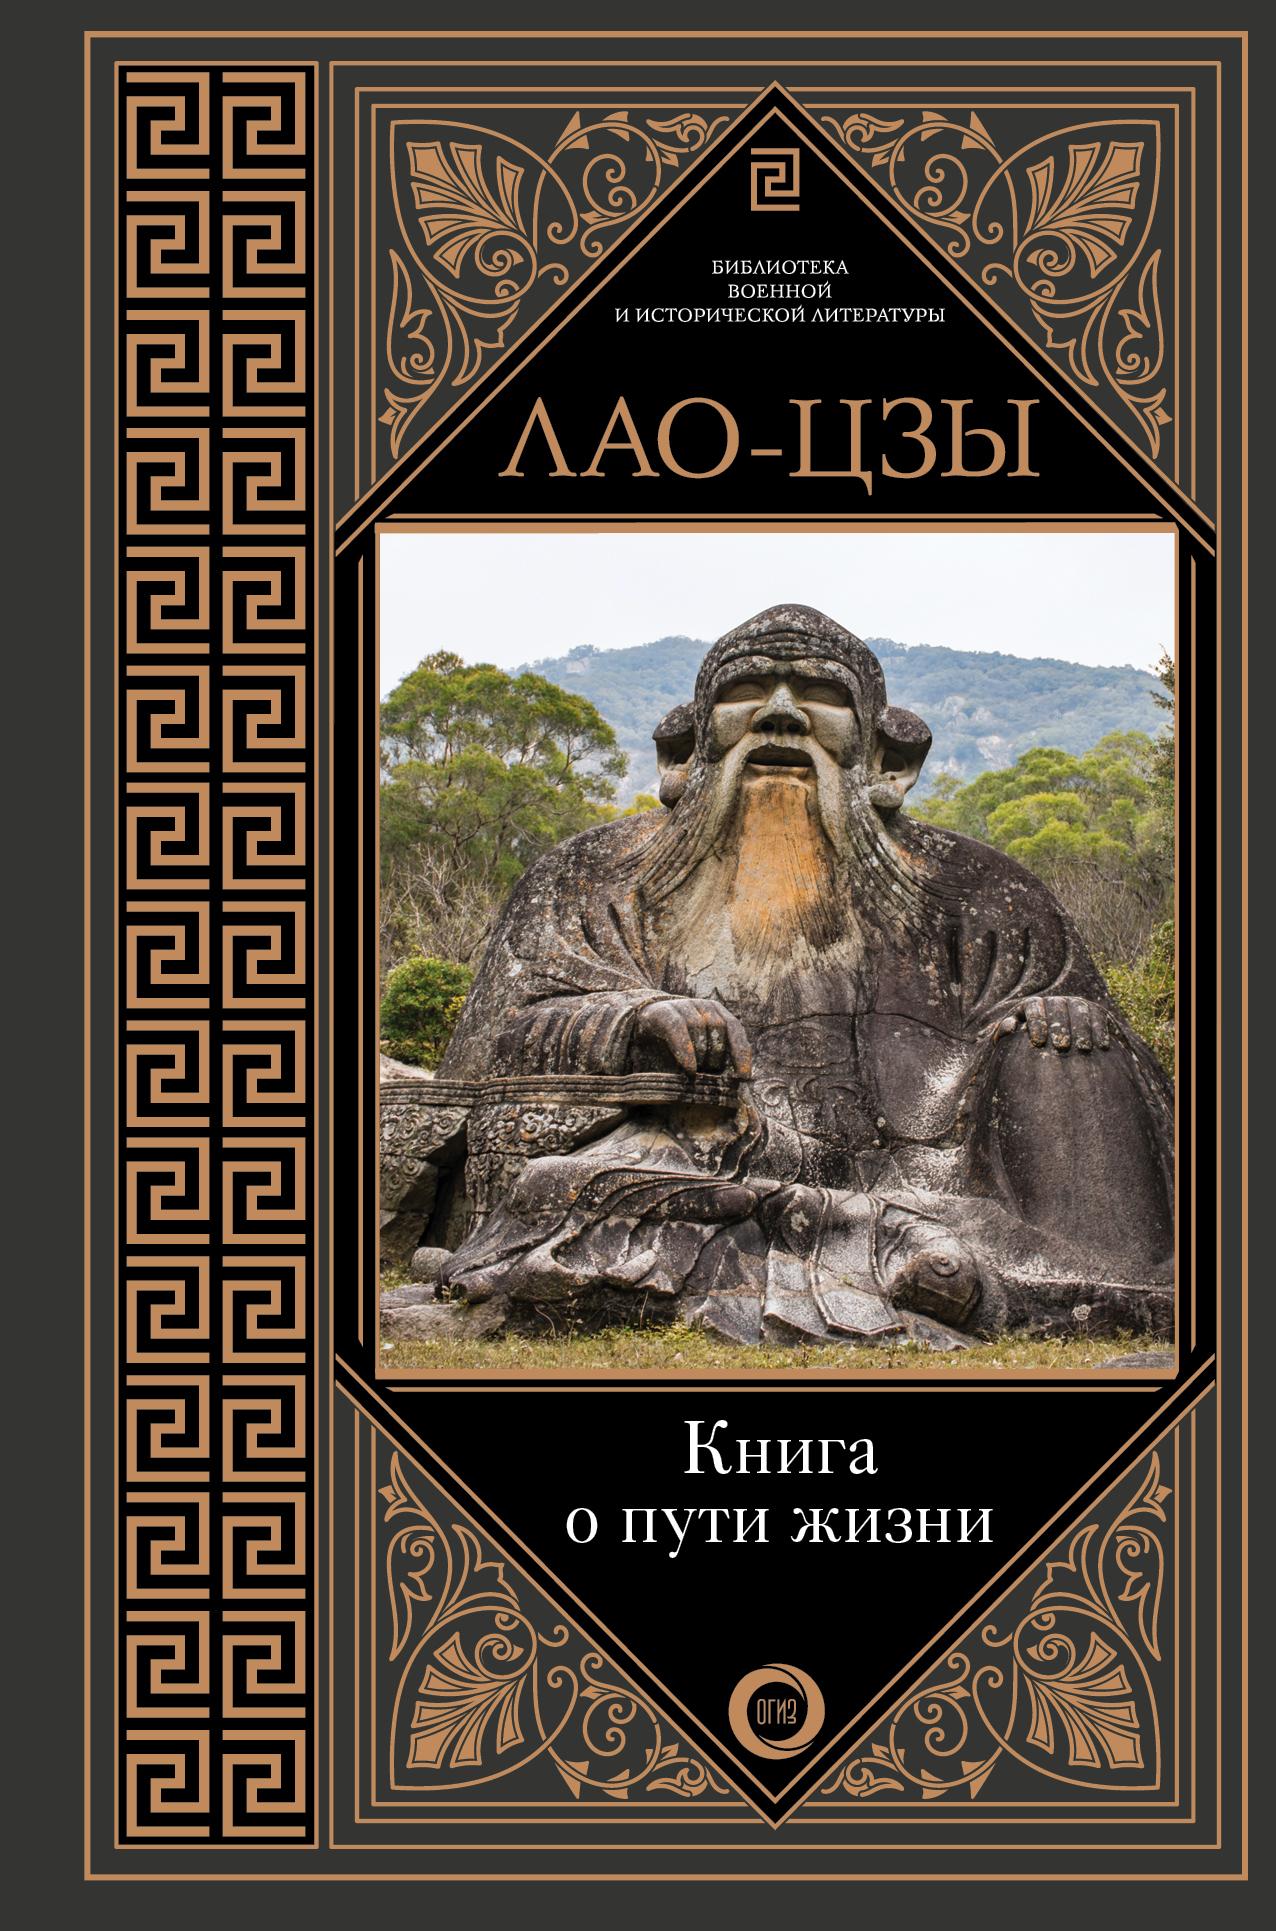 Лао-цзы Книга о пути жизни алан флауэр симон маг повесть об античном волшебнике лао цзы мастер тайных искусств поднебесной империи